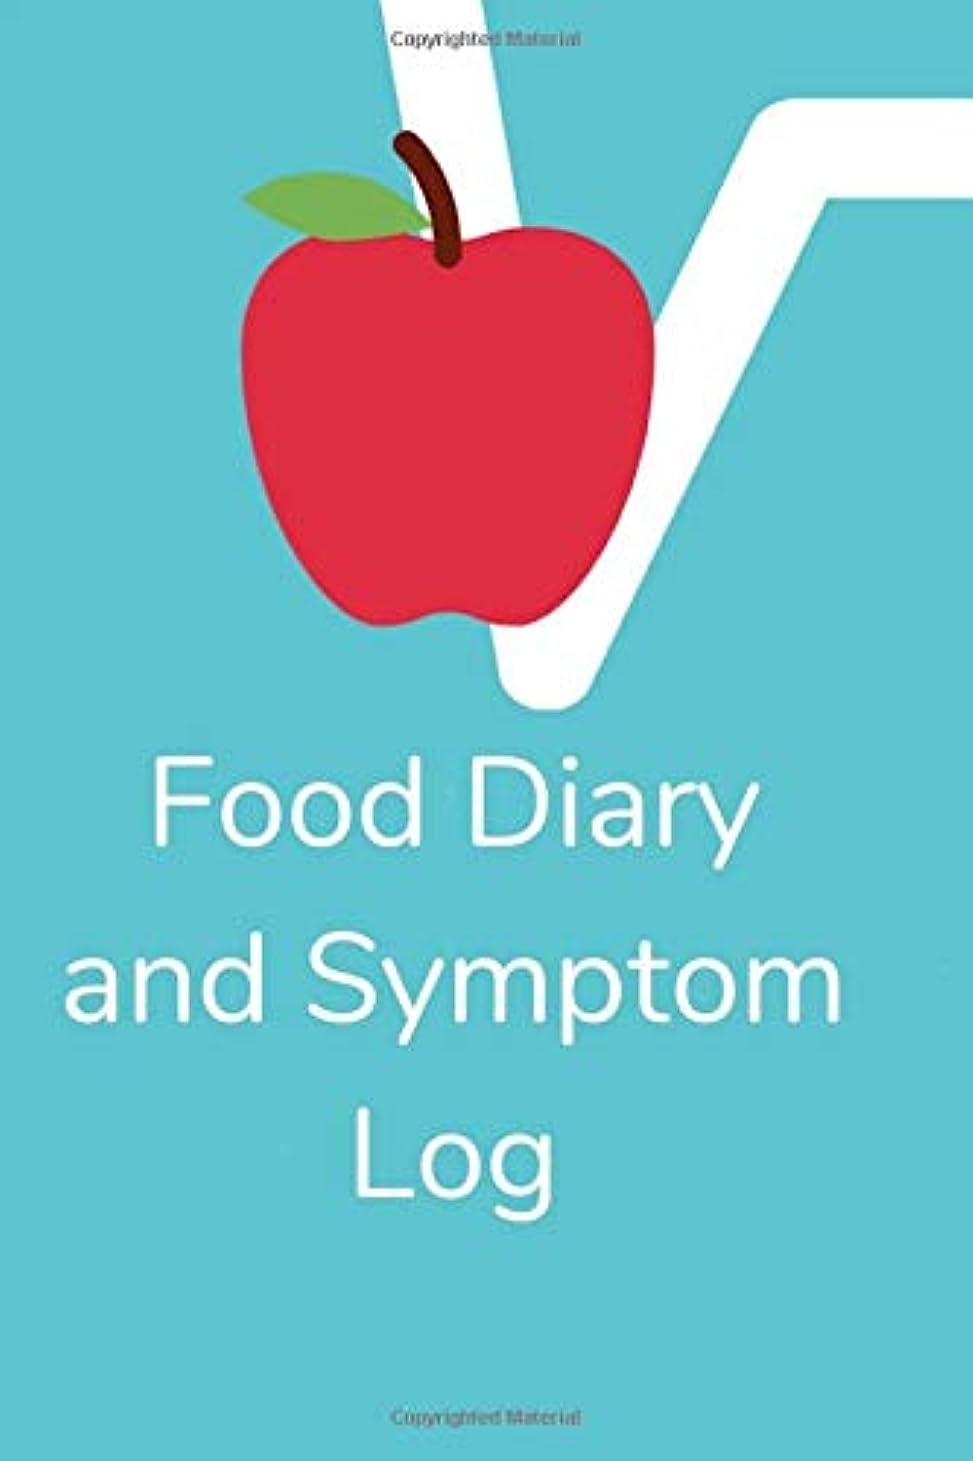 こするアライアンス激怒Food Diary and Symptom Log: Light Blue Daily Food Journal, Symptom Tracker, 8 Months Undated, Allergy log (Helpful log book)